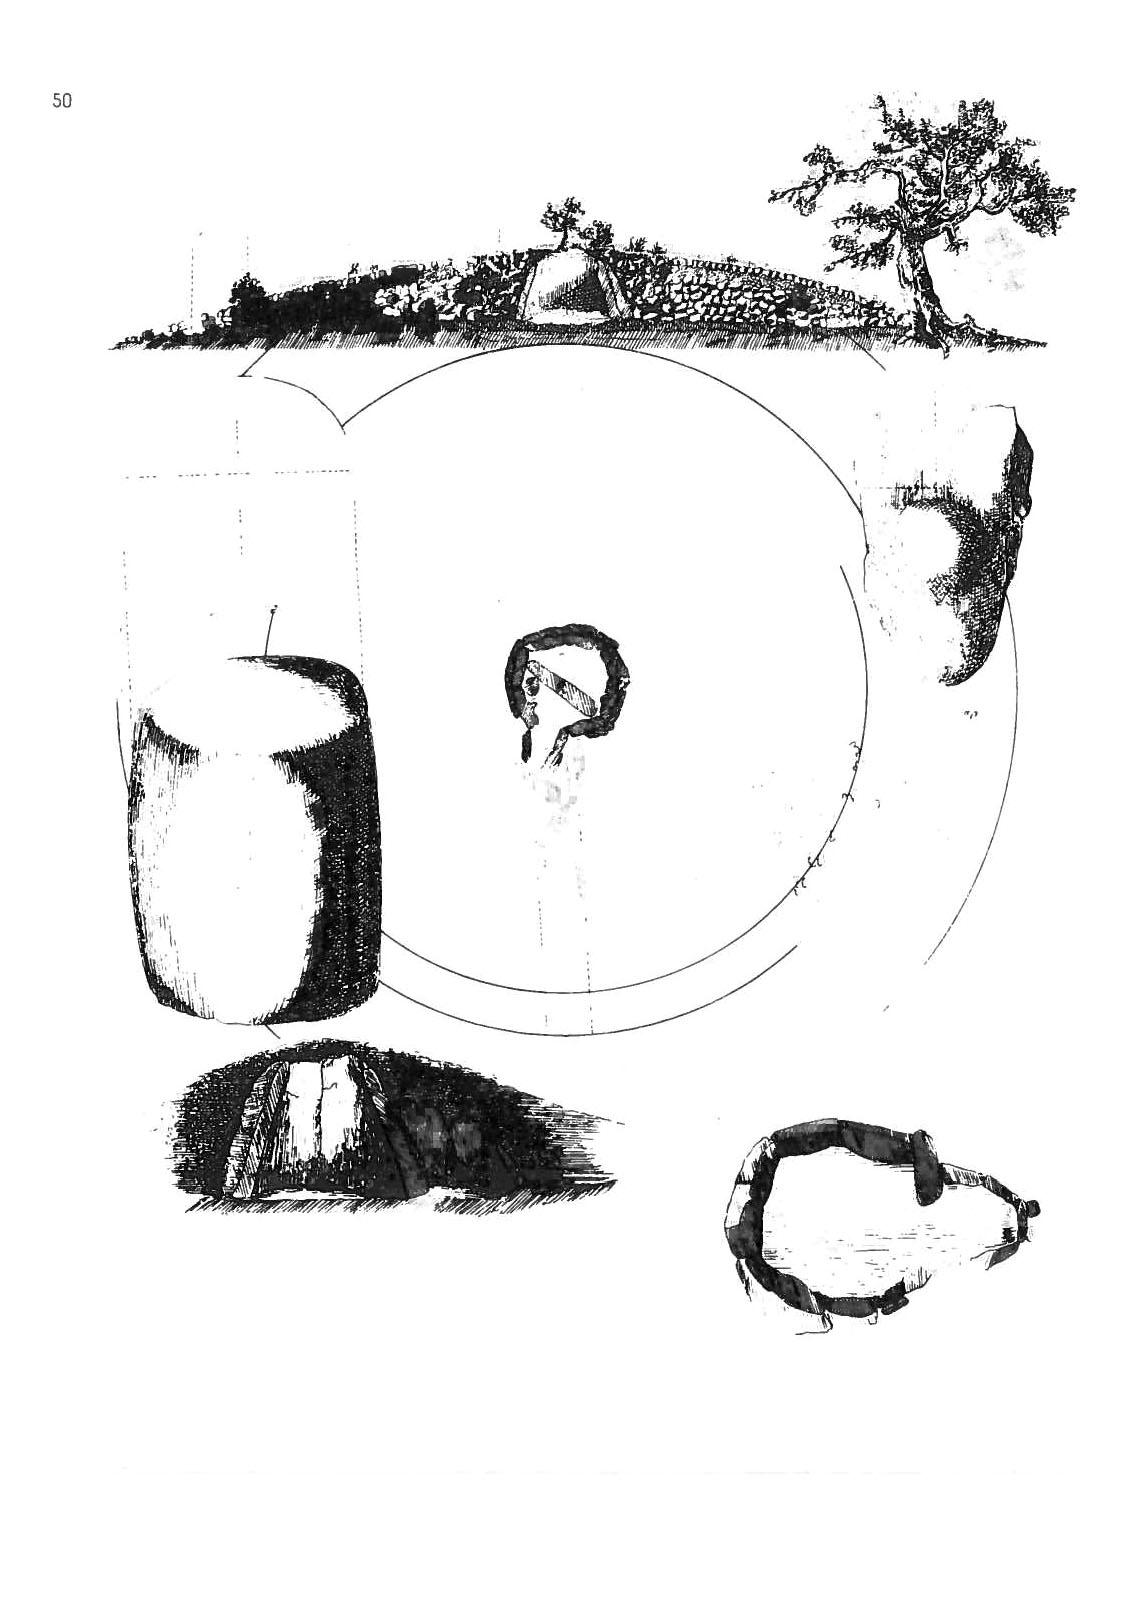 Megalitismo Alcalar 1a.jpg